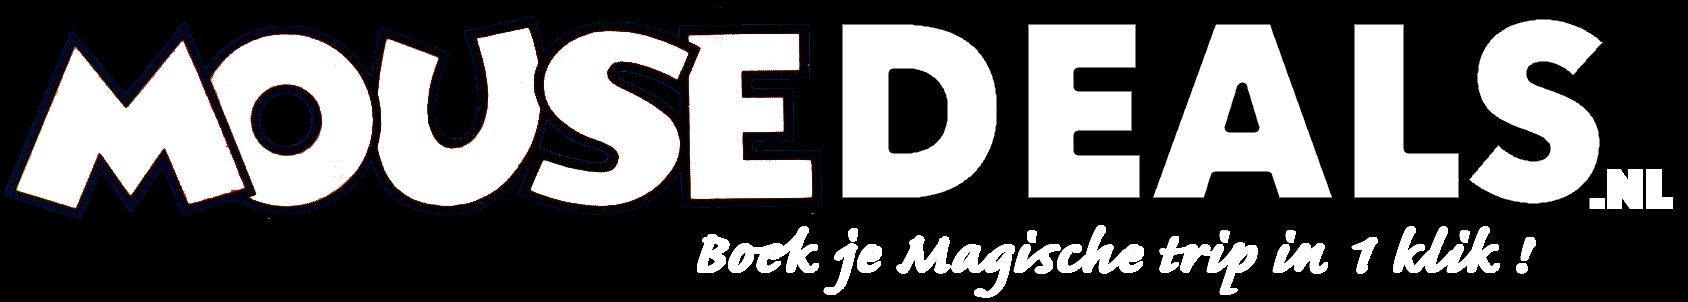 MouseDeals.nl